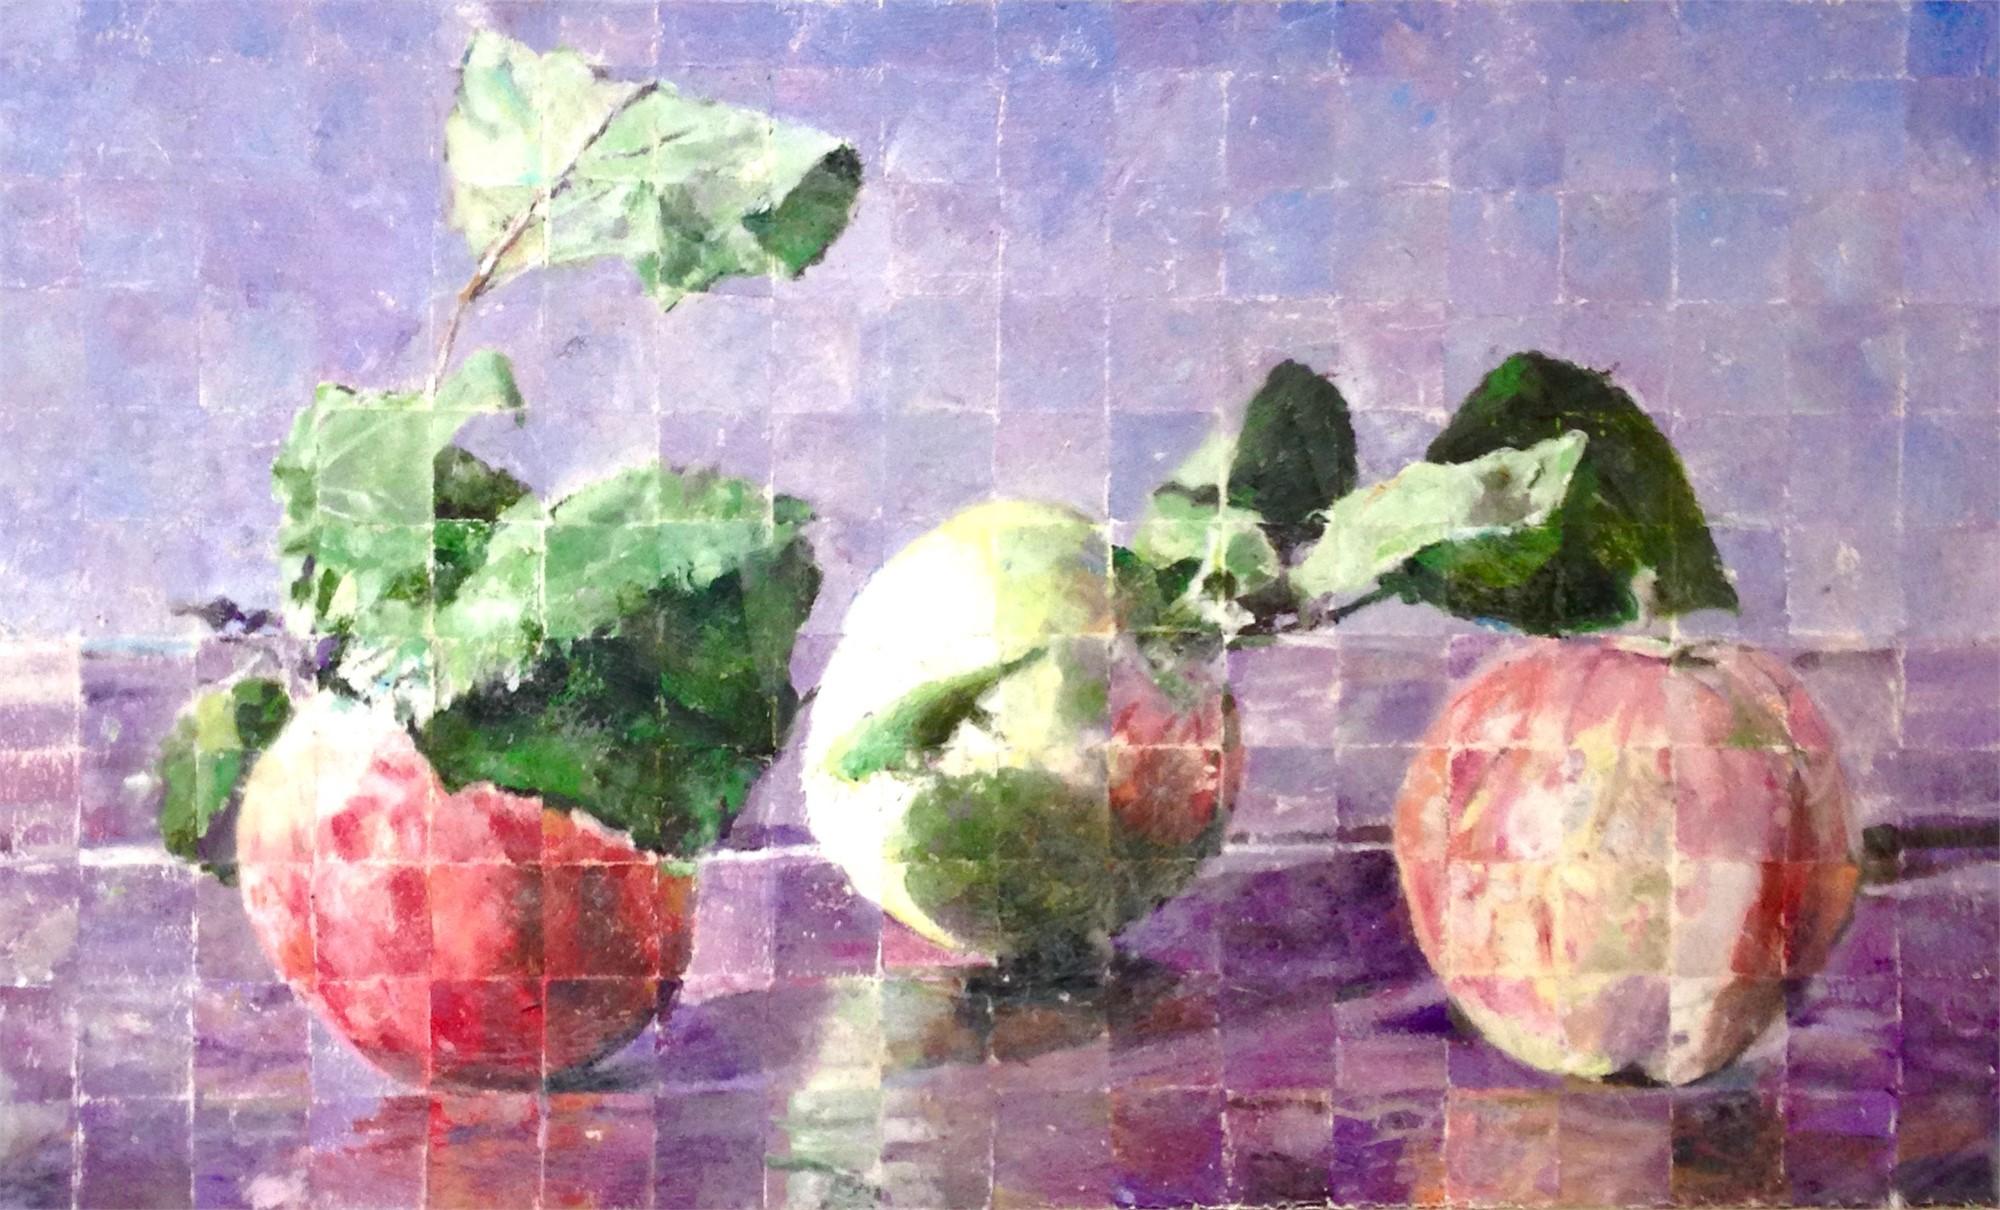 3 Apples by Mark Gaskin